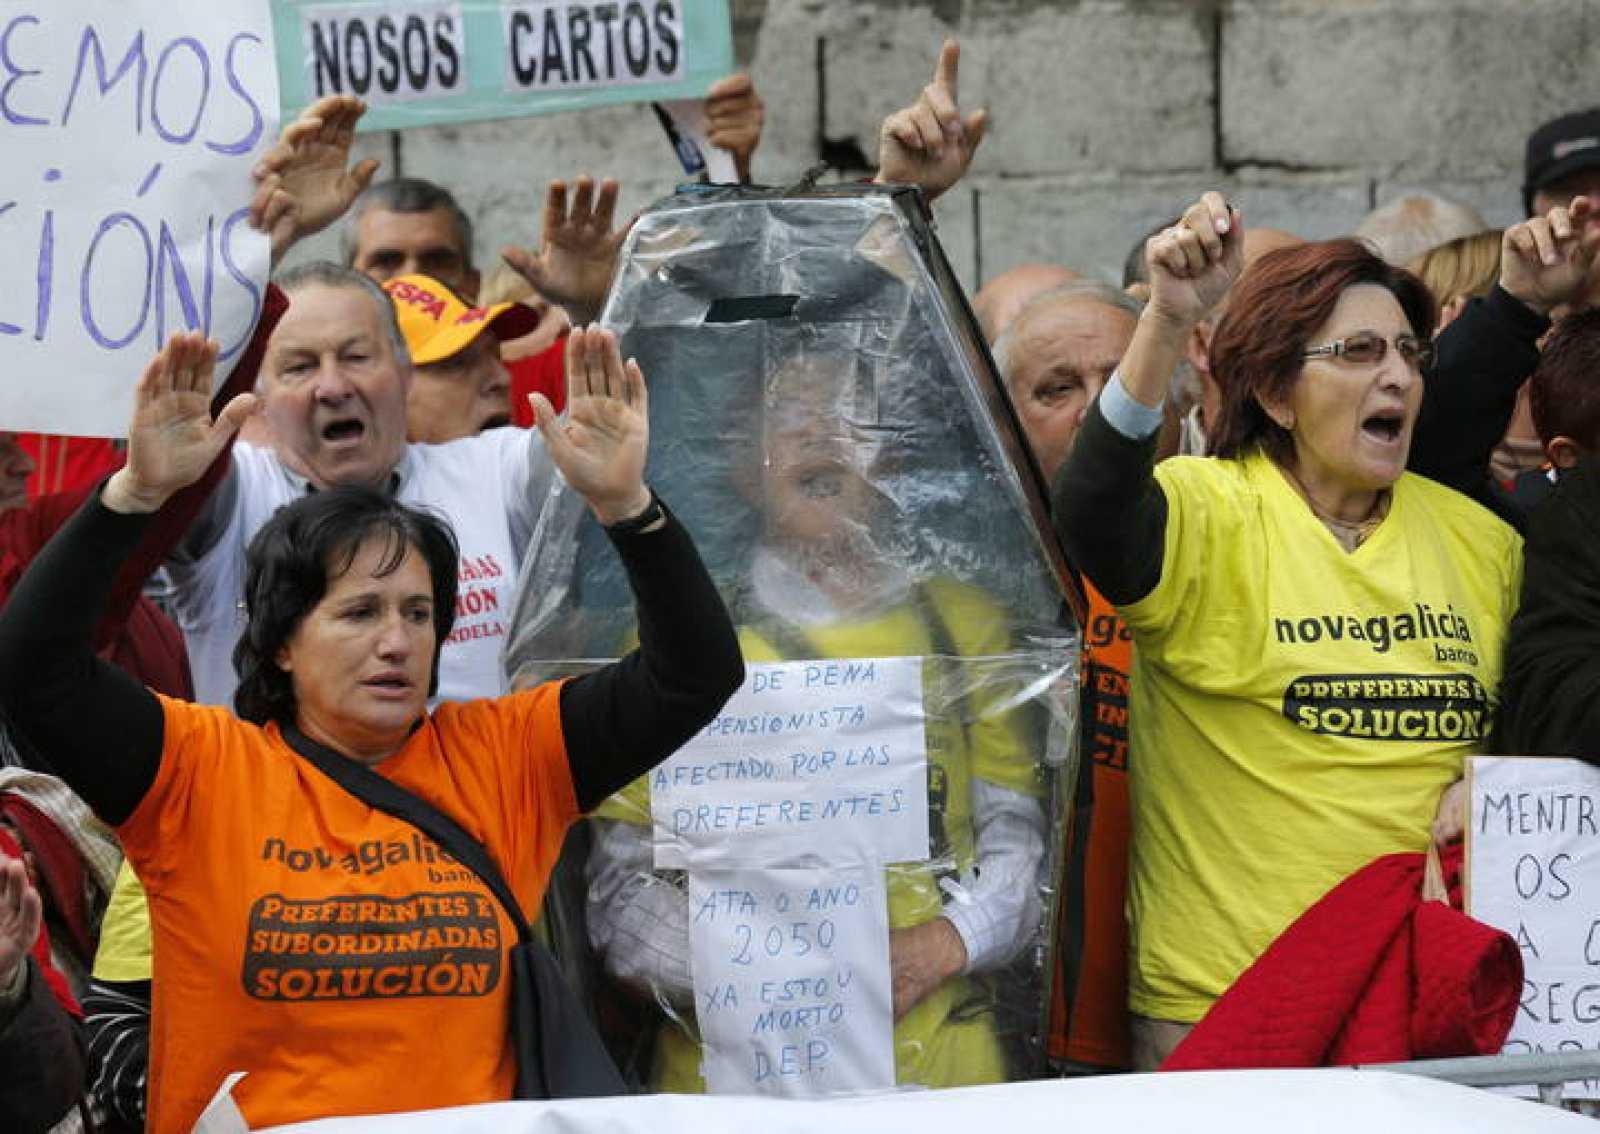 Afectados por las participaciones preferentes protestan